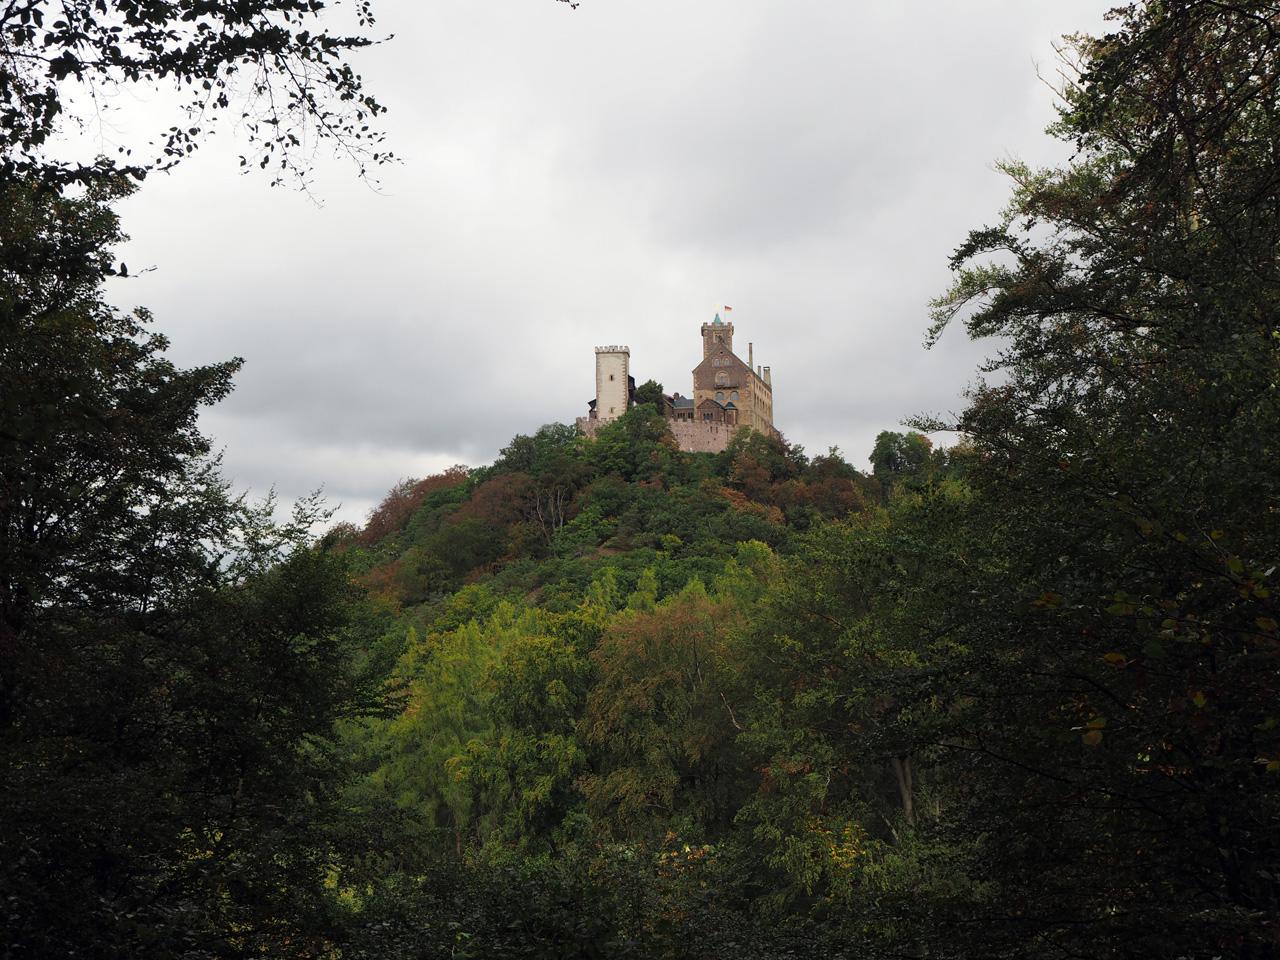 lunchen met uitzicht op Schloss Wartburg